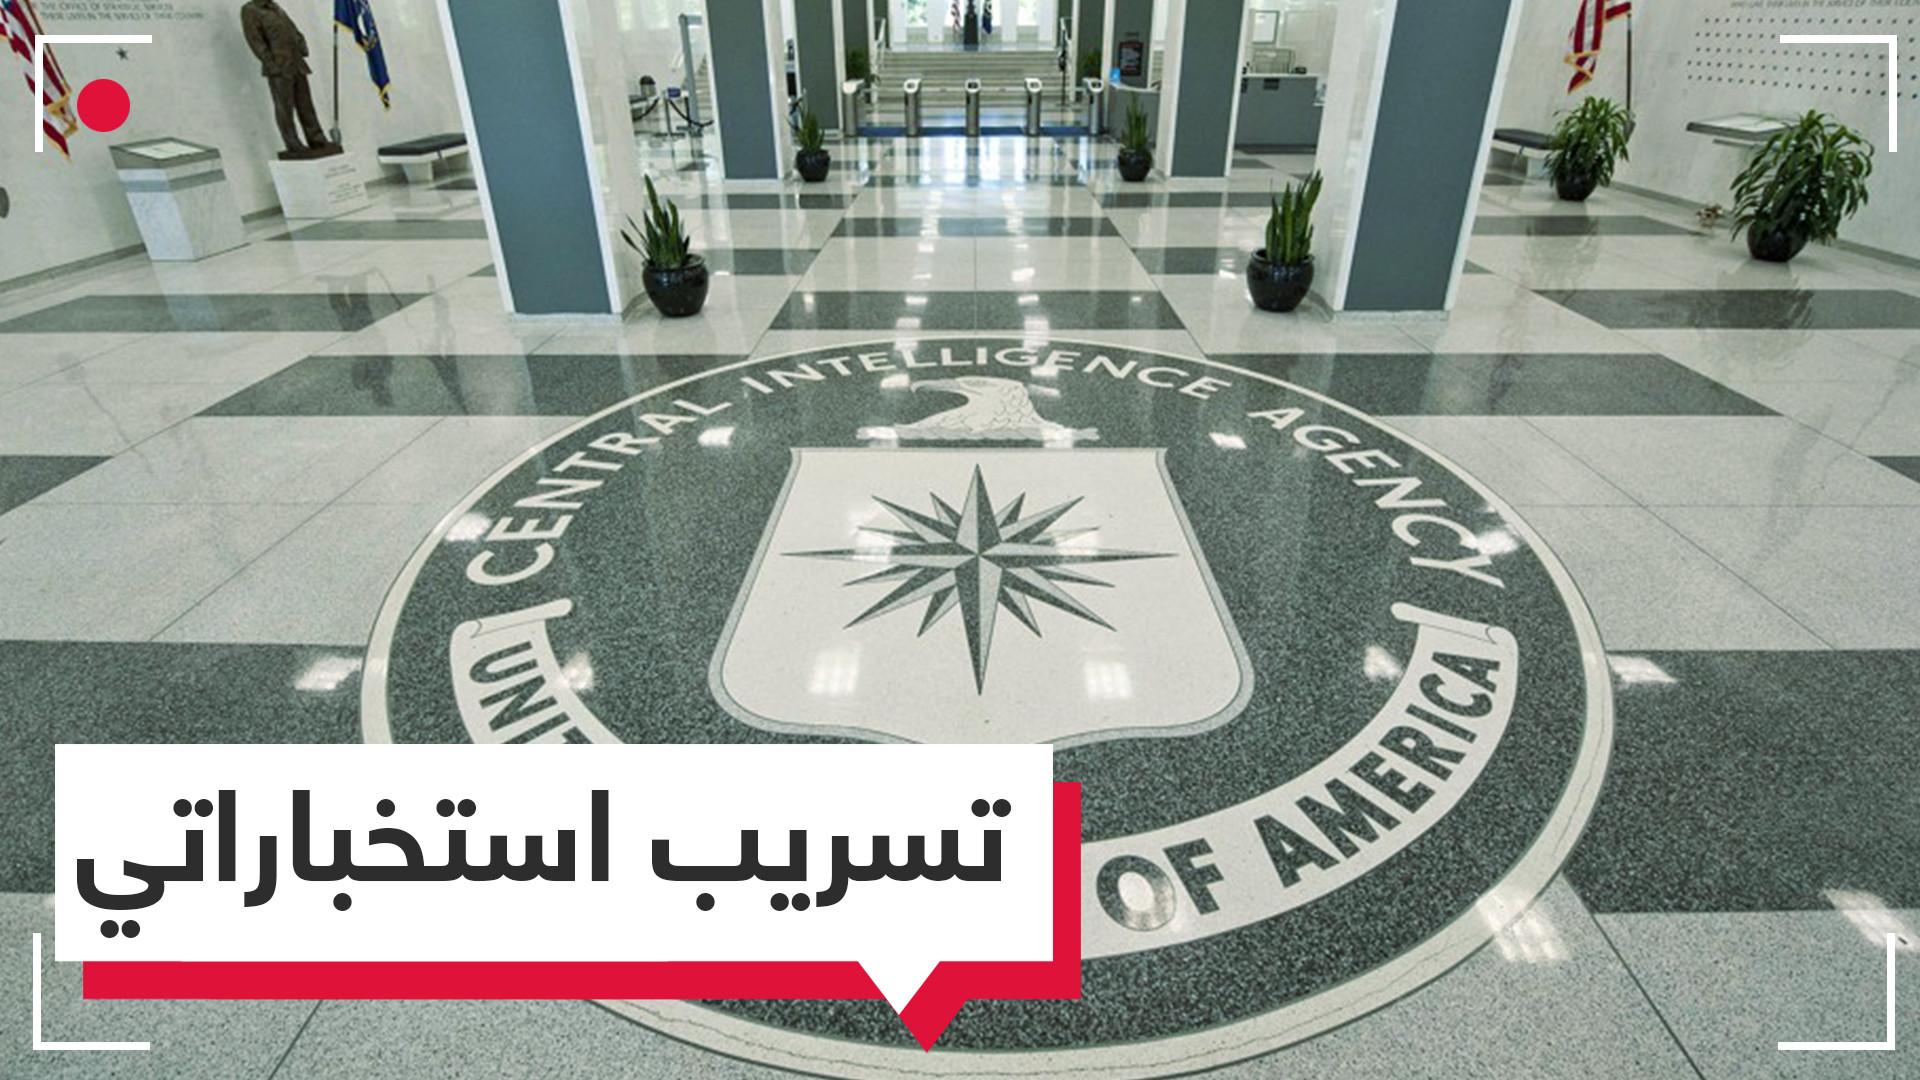 محلل استخبارات أمريكي يواجه عقوبة بالسجن 50 عاما بسبب